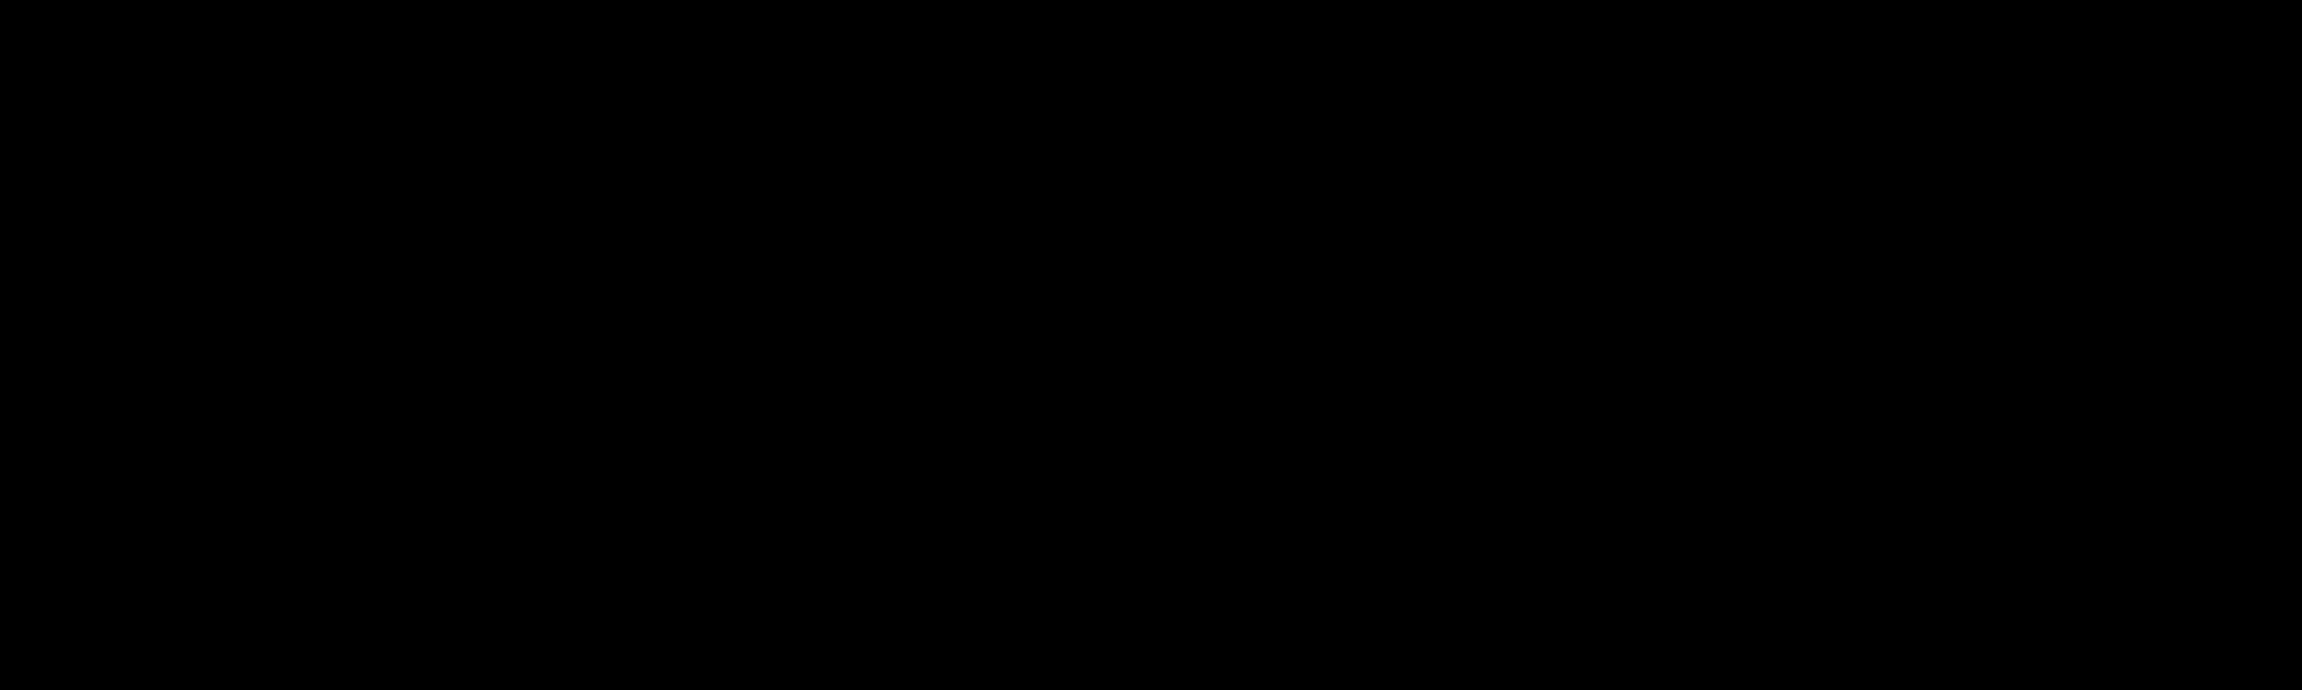 Aripiprazole-d<sub>8</sub> EP impurity E (butyl-d<sub>8</sub>)